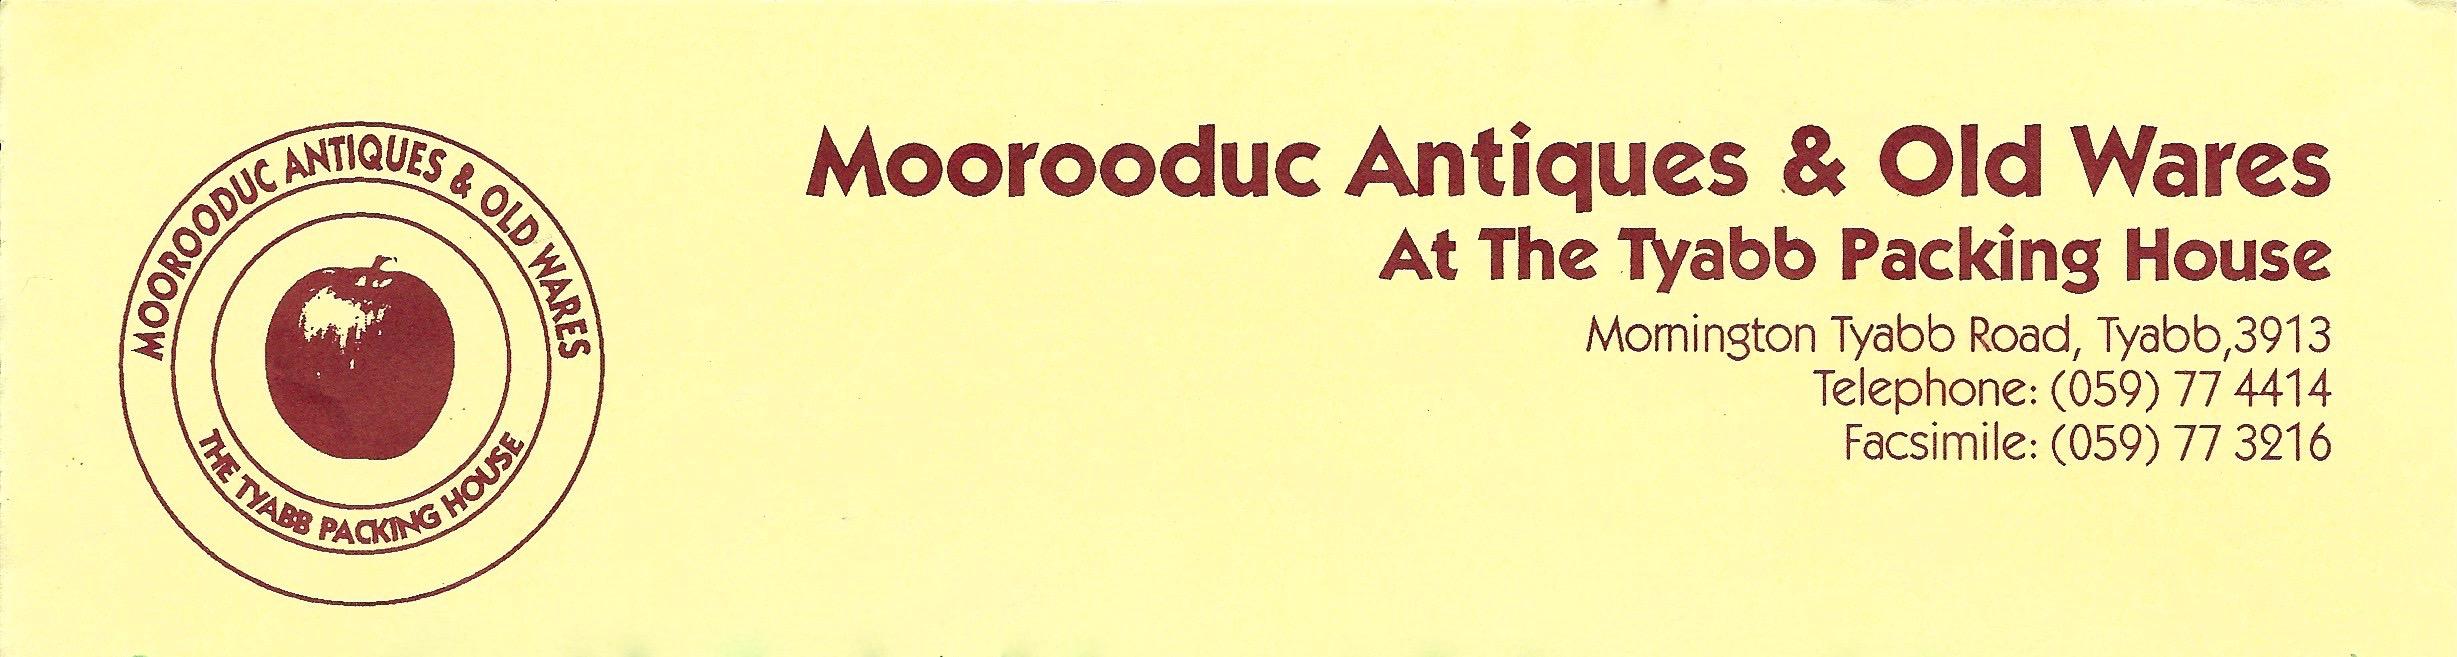 Early 1990s letterhead